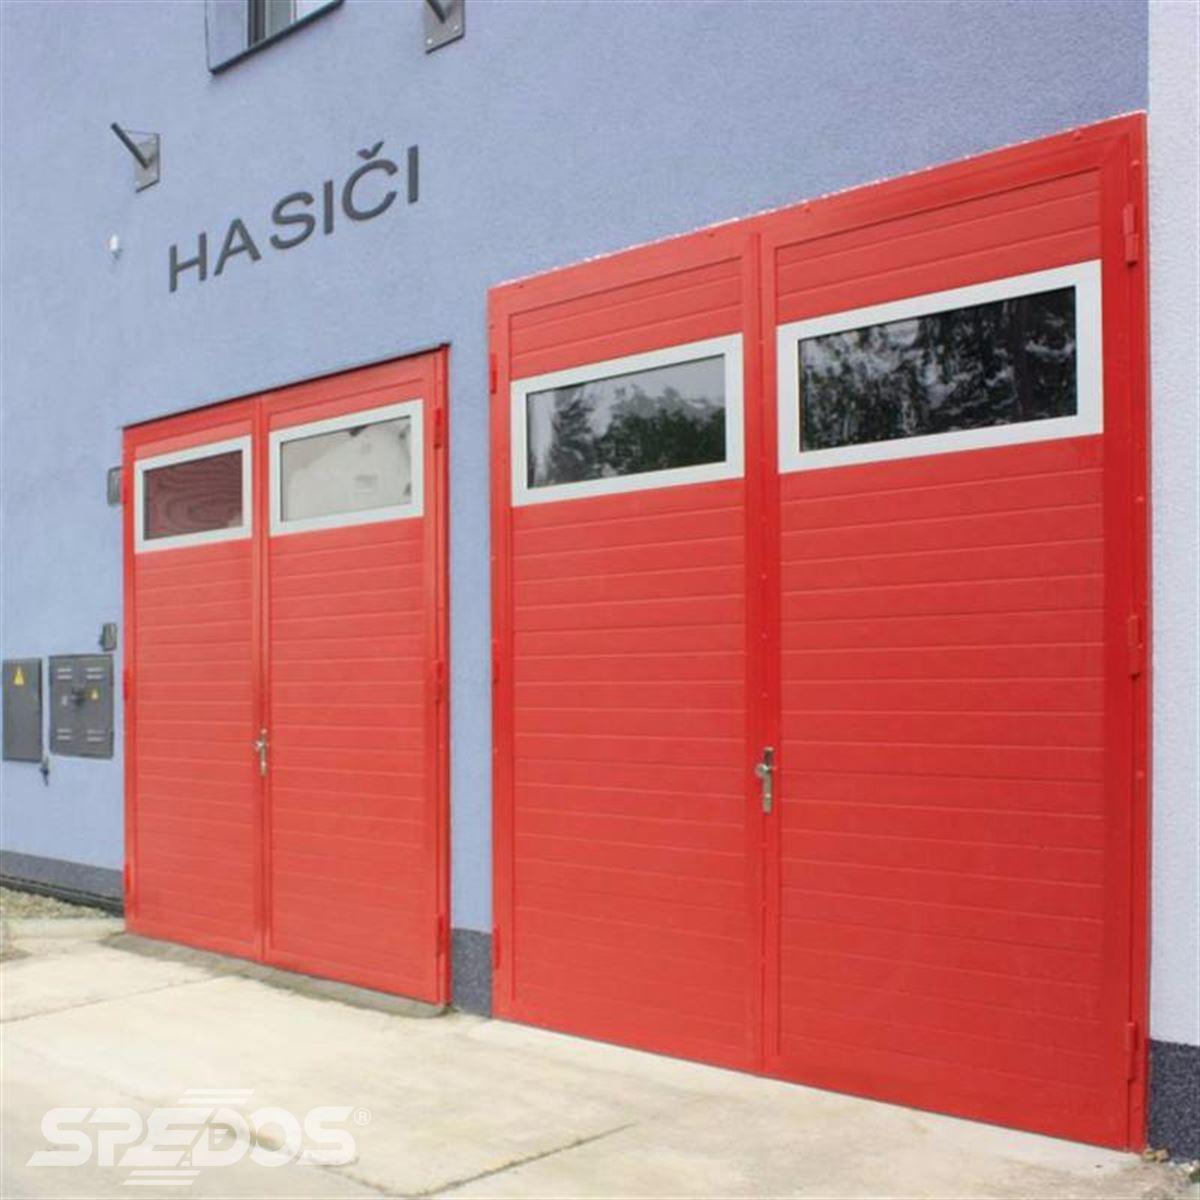 Průmyslová sekční vrata s červenou barvou